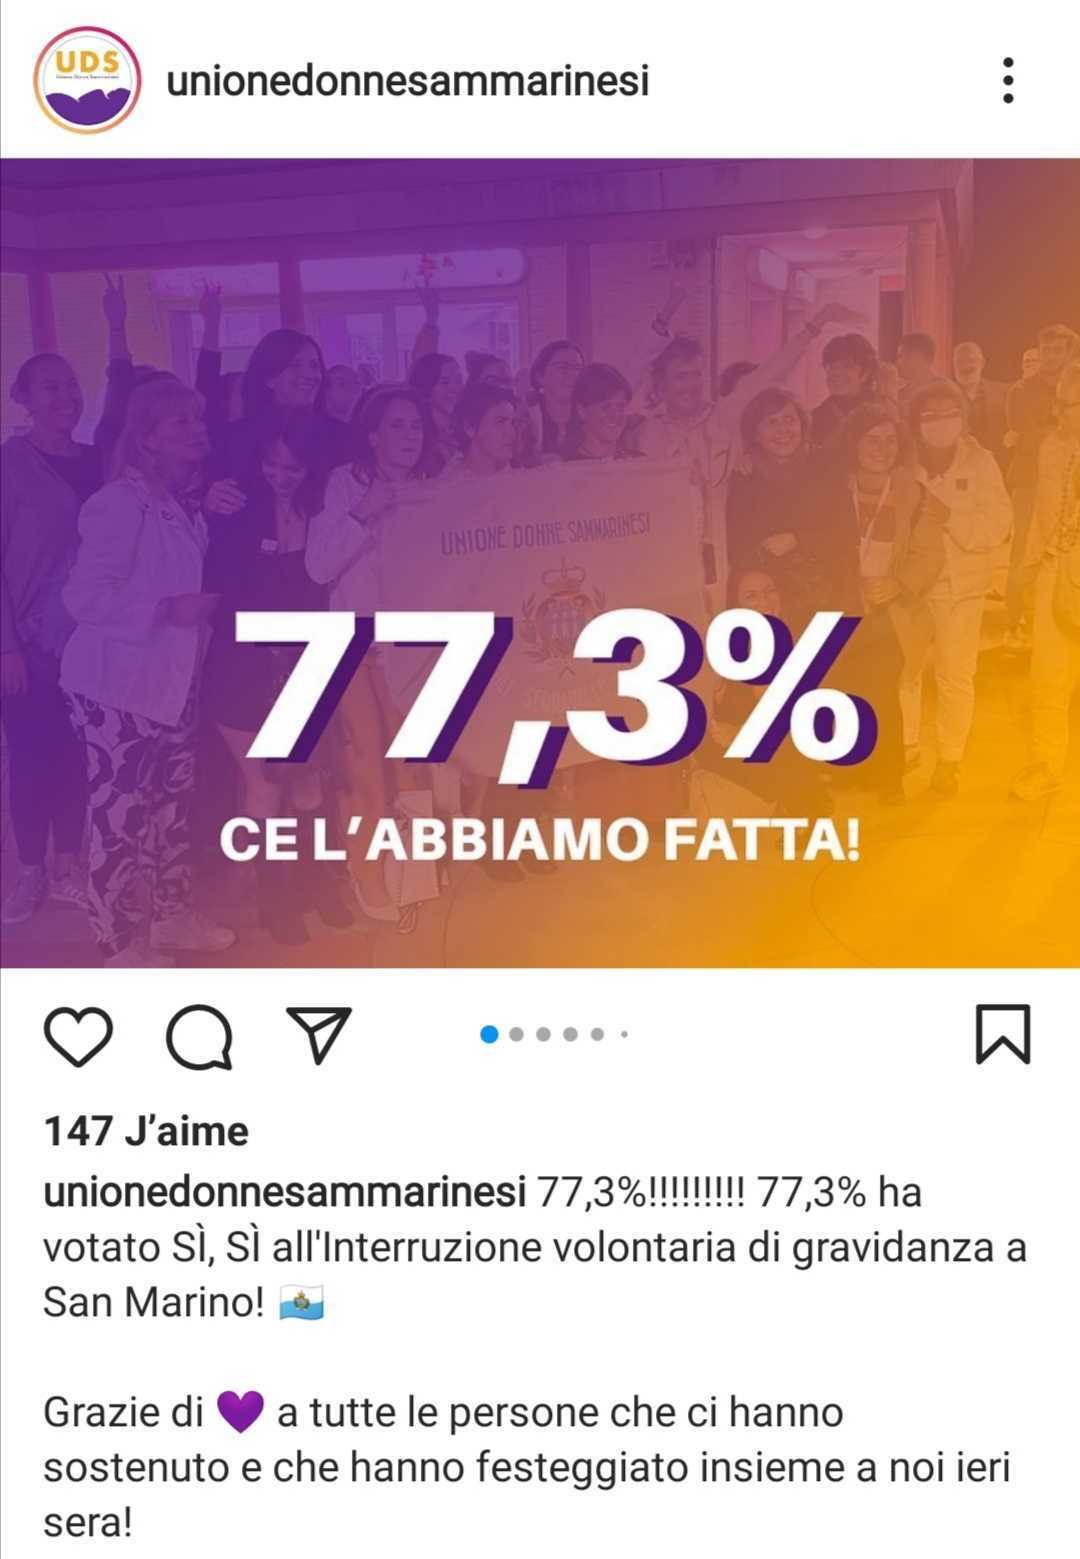 « 77,3%, nous l'avons fait ! » L'union des femmes de Saint Marin célèbre cette victoire sur son compte Instagram / Capture d'écran